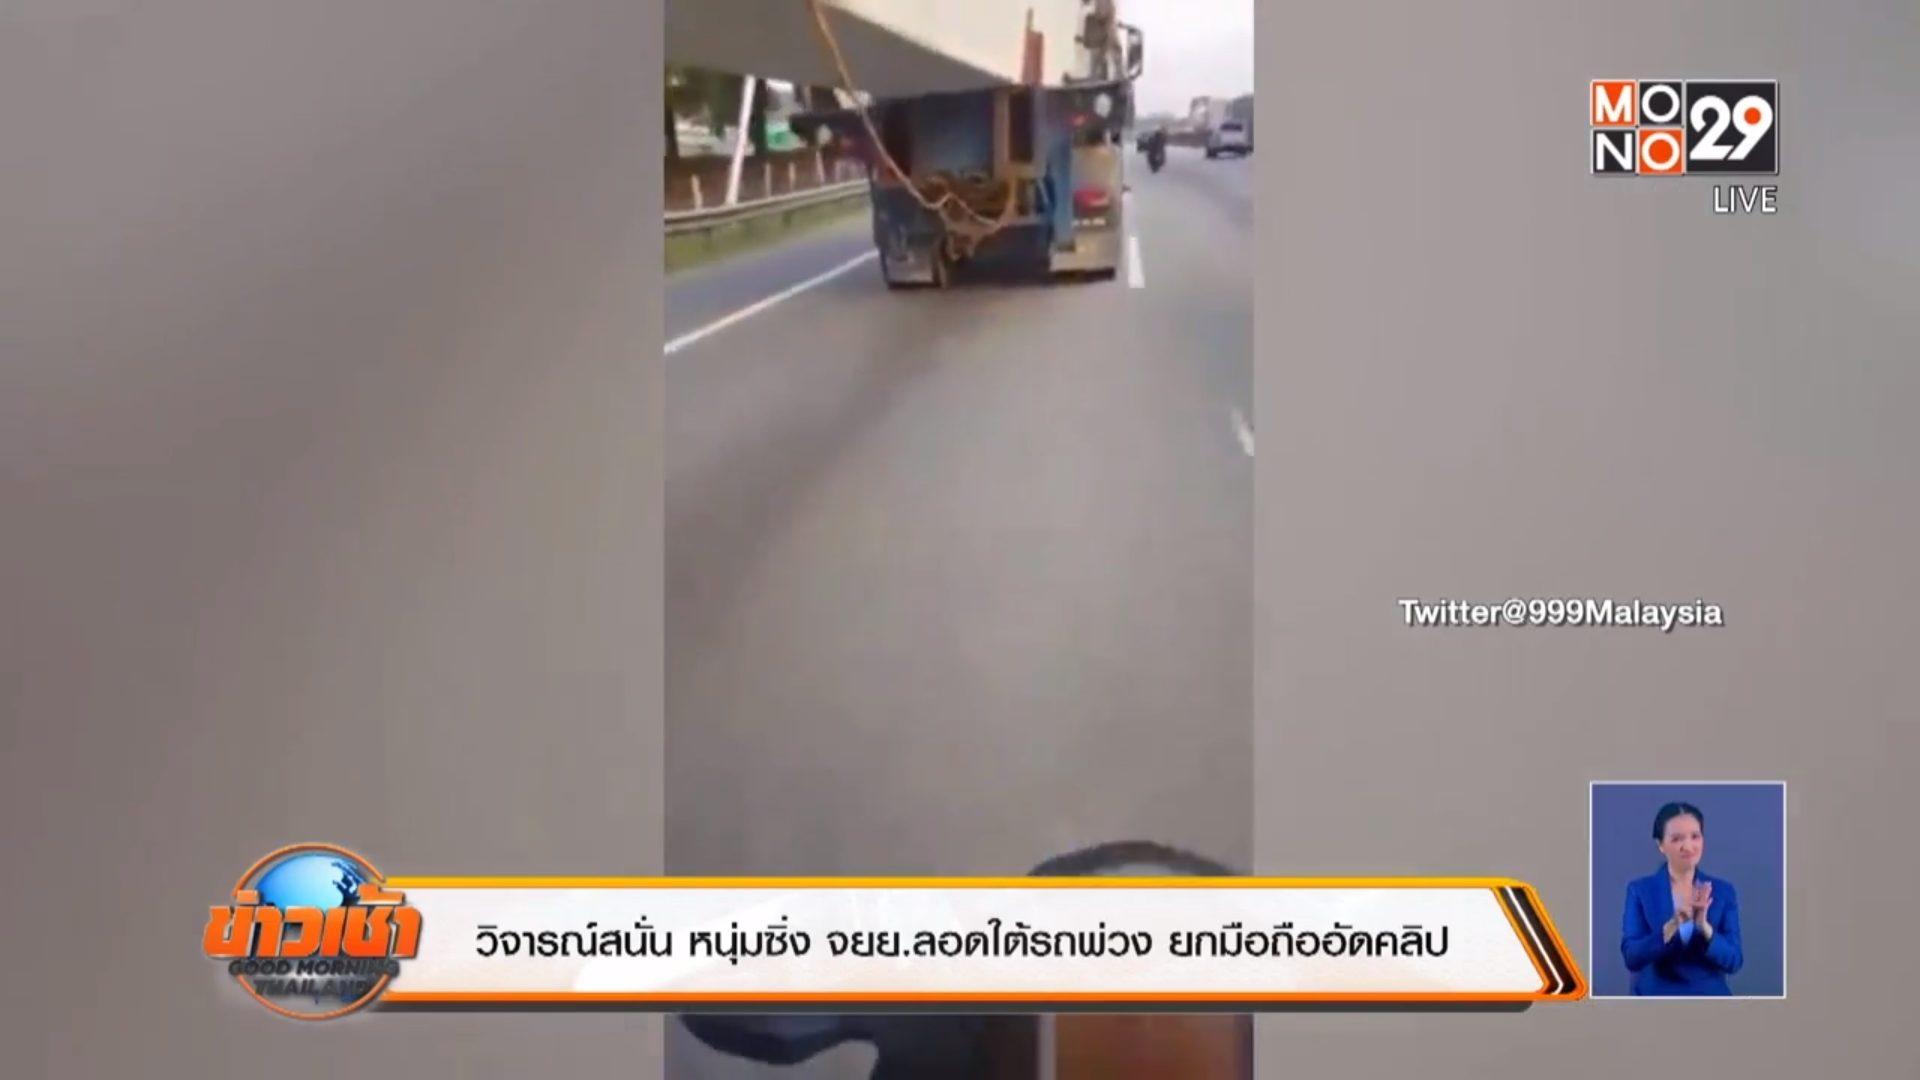 รถจักรยานยนต์ลอดใต้รถพ่วง ลอดใต้รถพ่วง เด็กแว้น